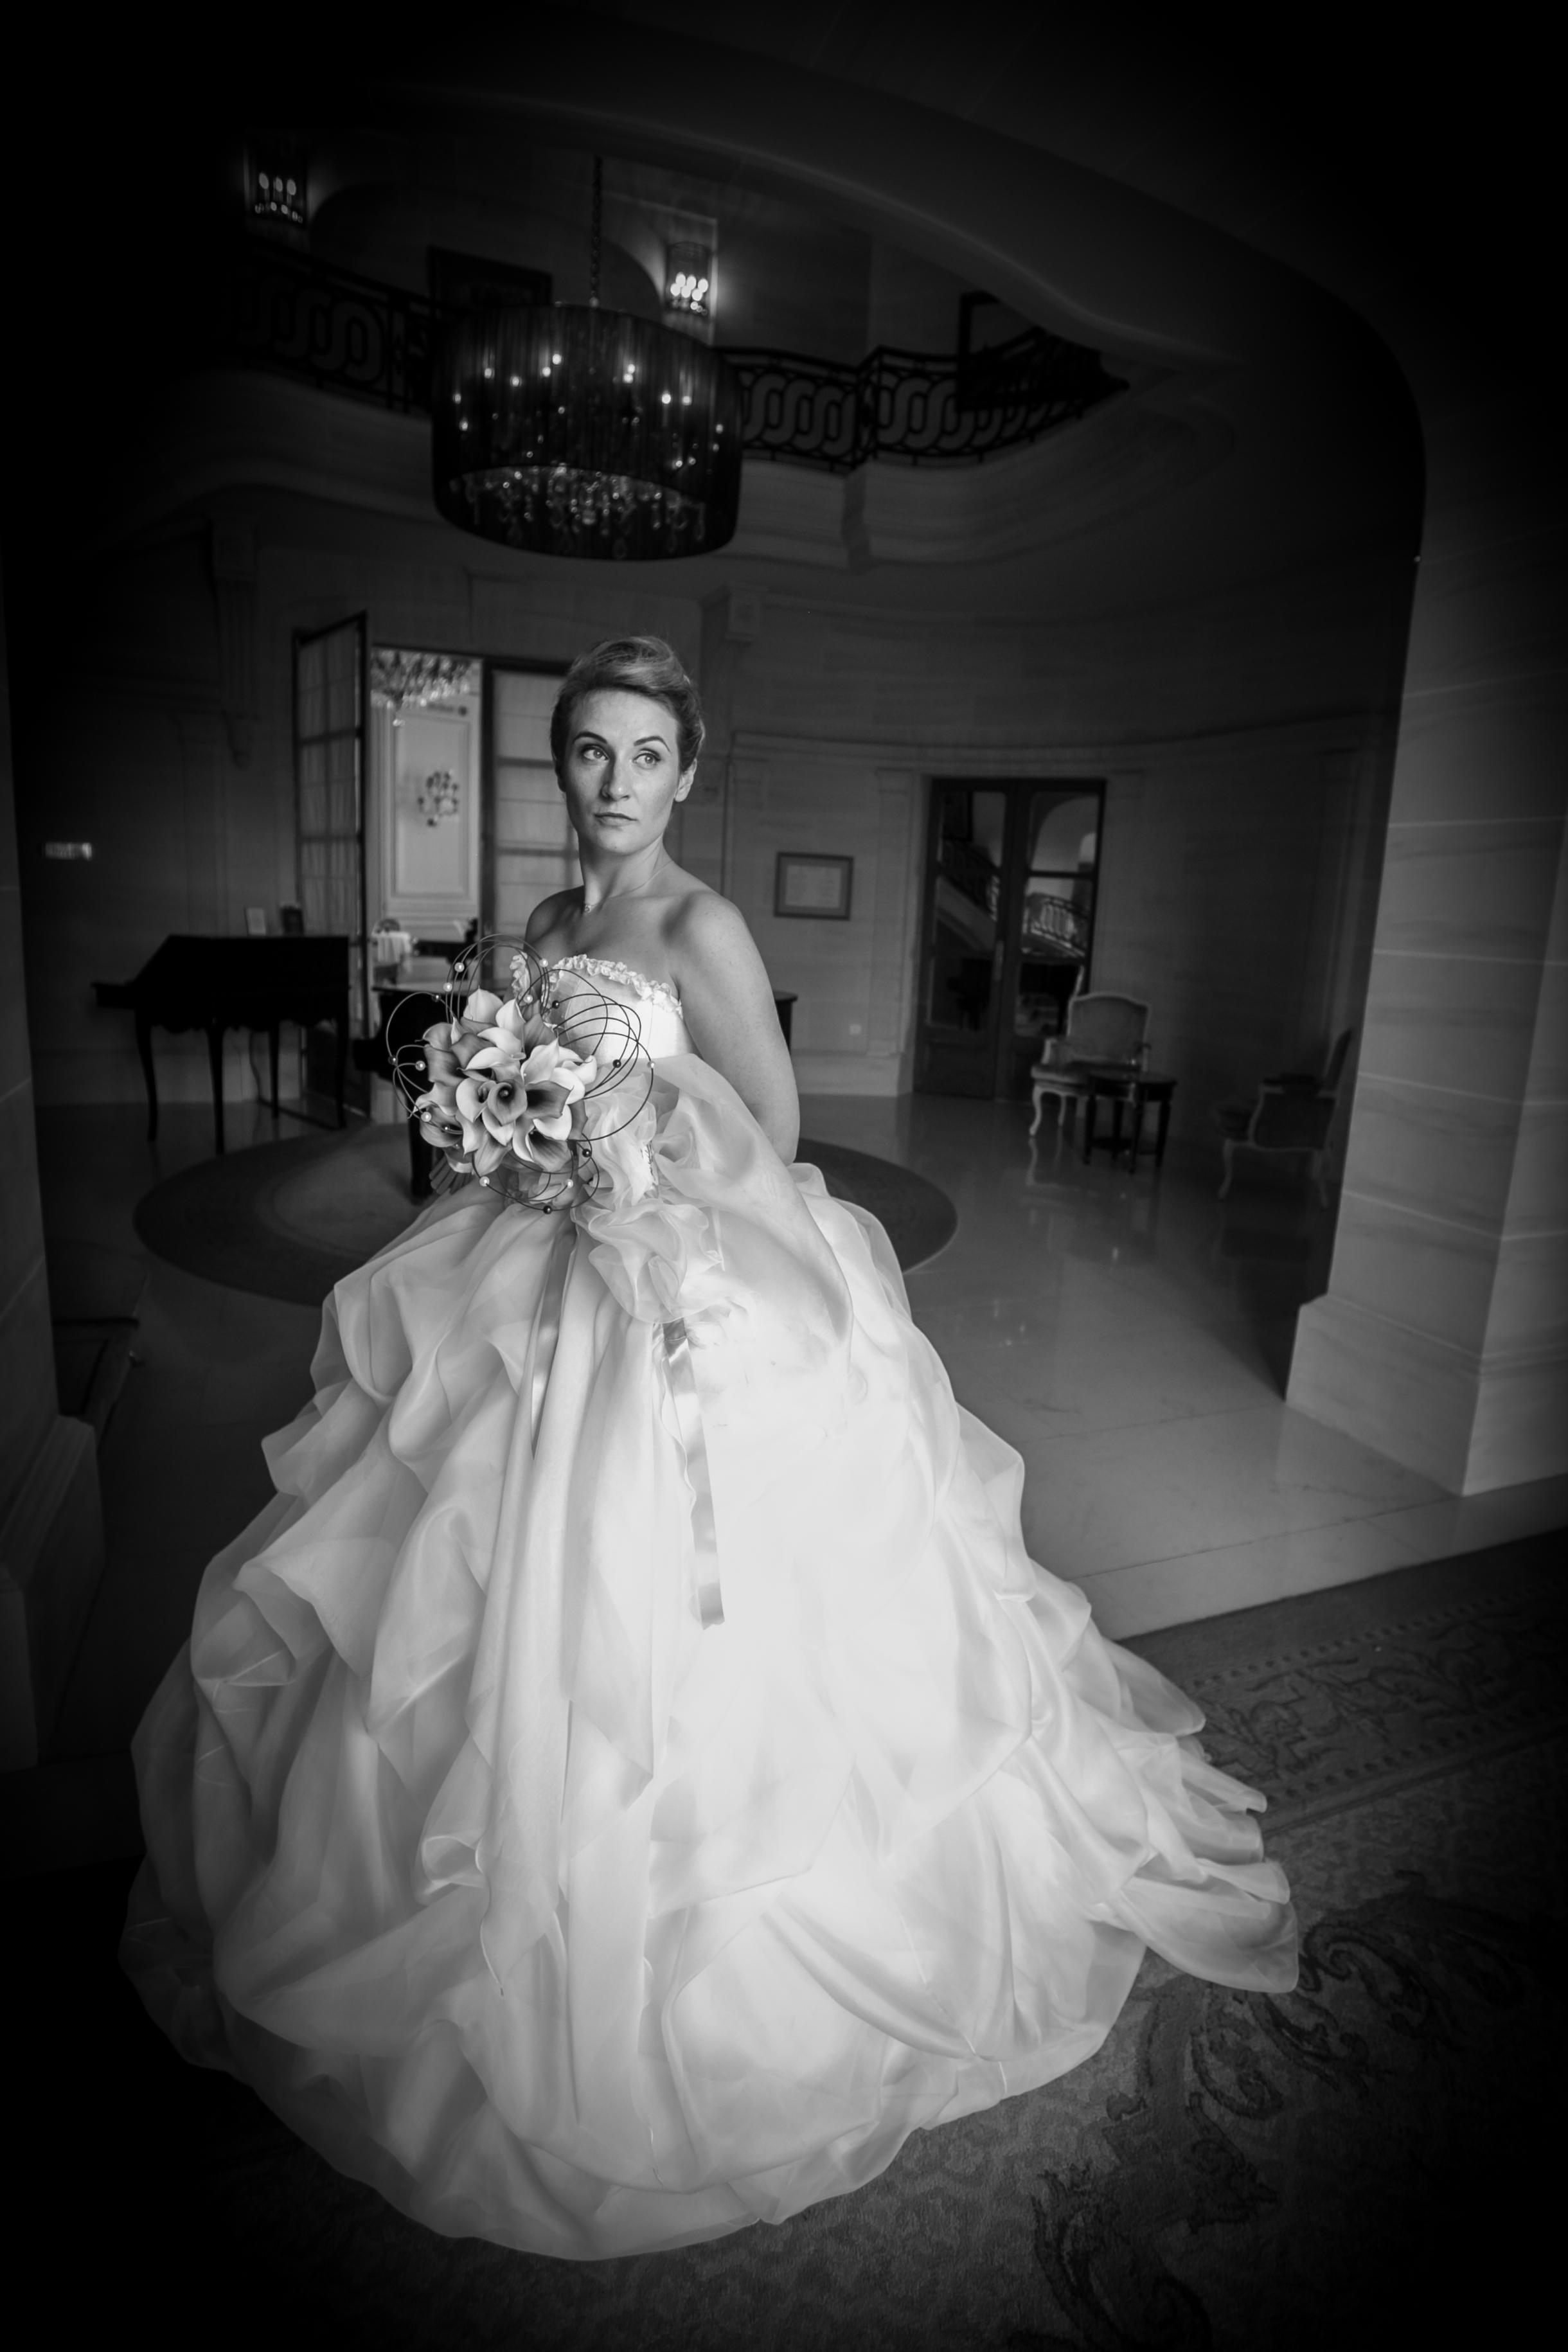 Robe de mariée en soie ivoire et mauve face Agnès Szabelewski photo Olivier Froidefond.jpg